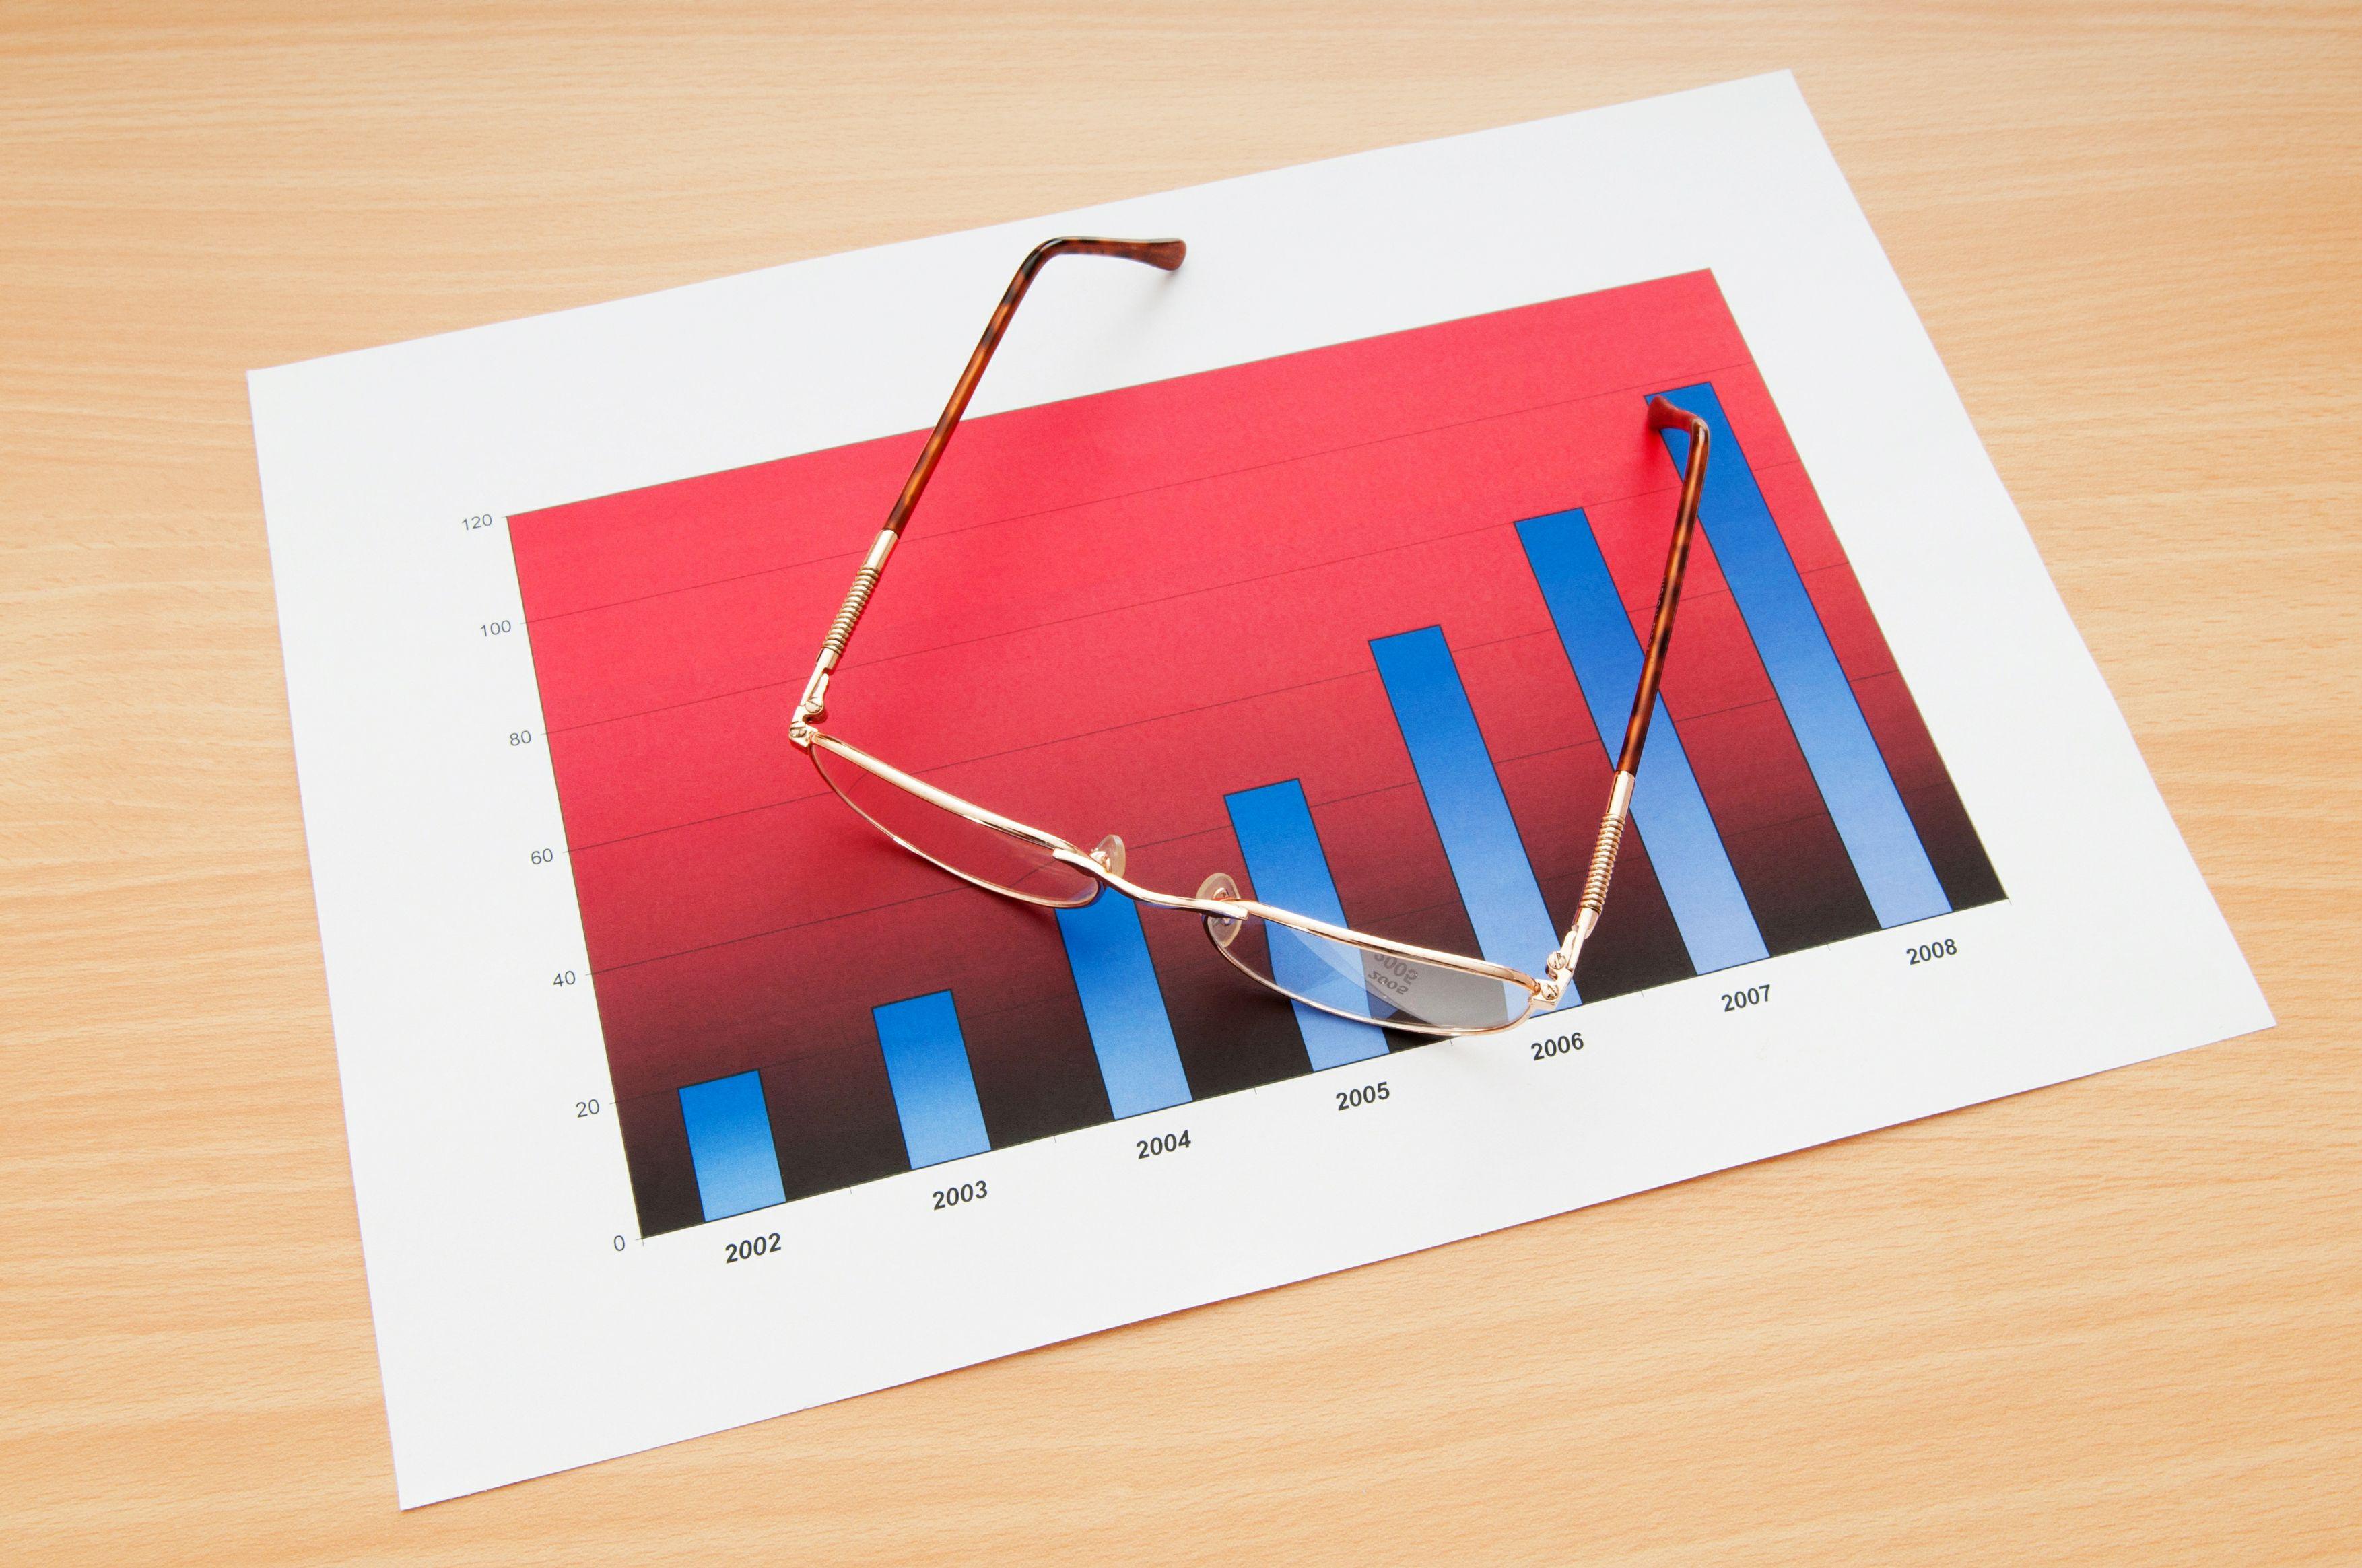 双汇发展(000895.SZ)2018年度净利润升13.78%至49.15亿元 拟每10股派5.5元